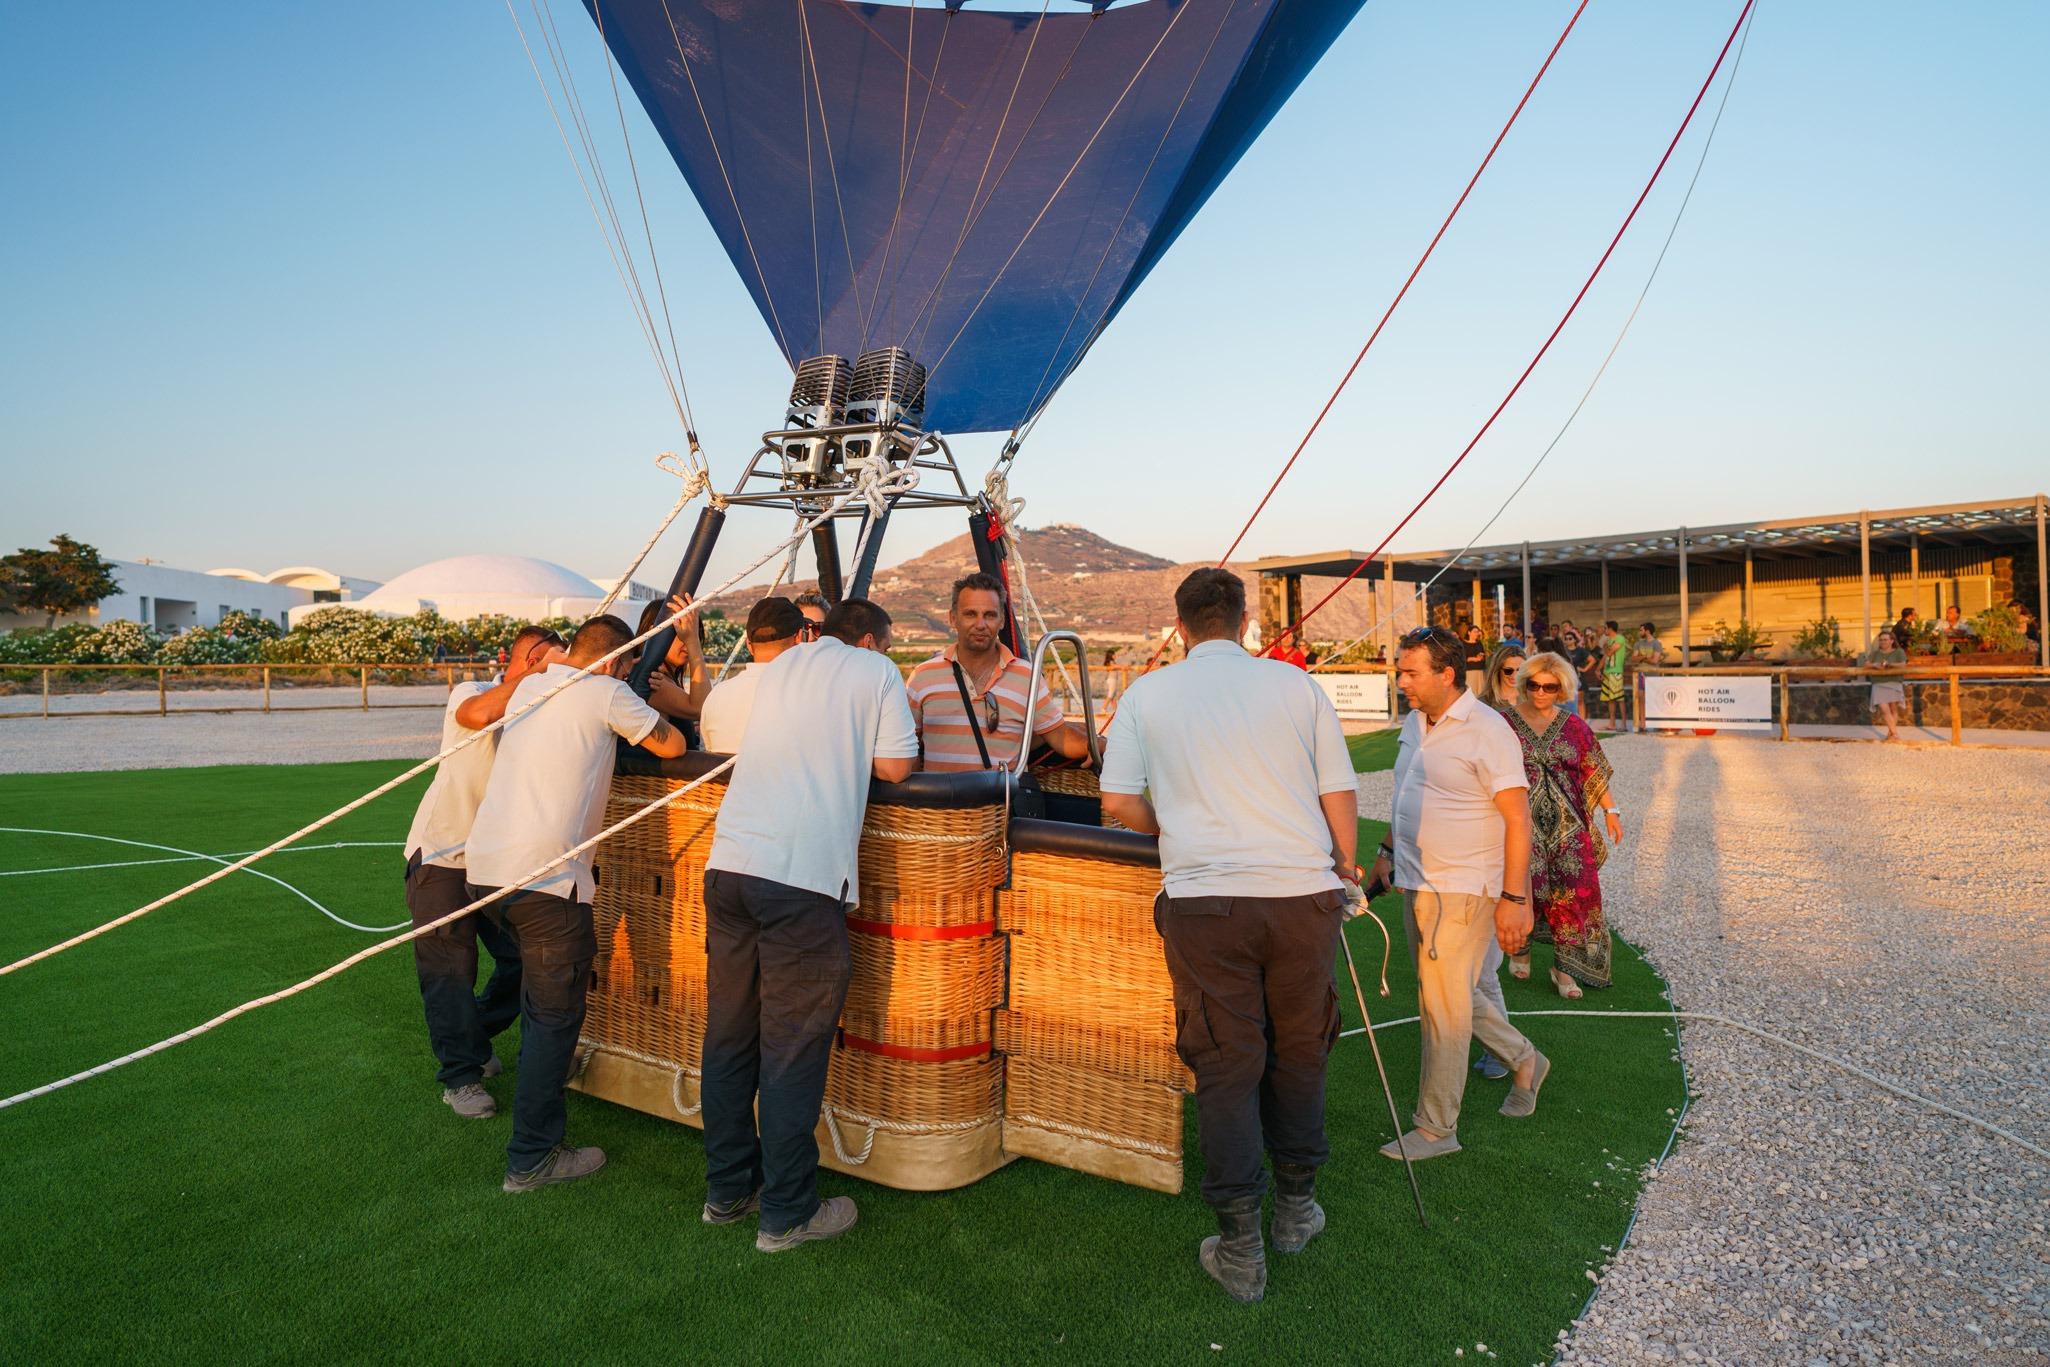 tethered-balloon-rides-santorini